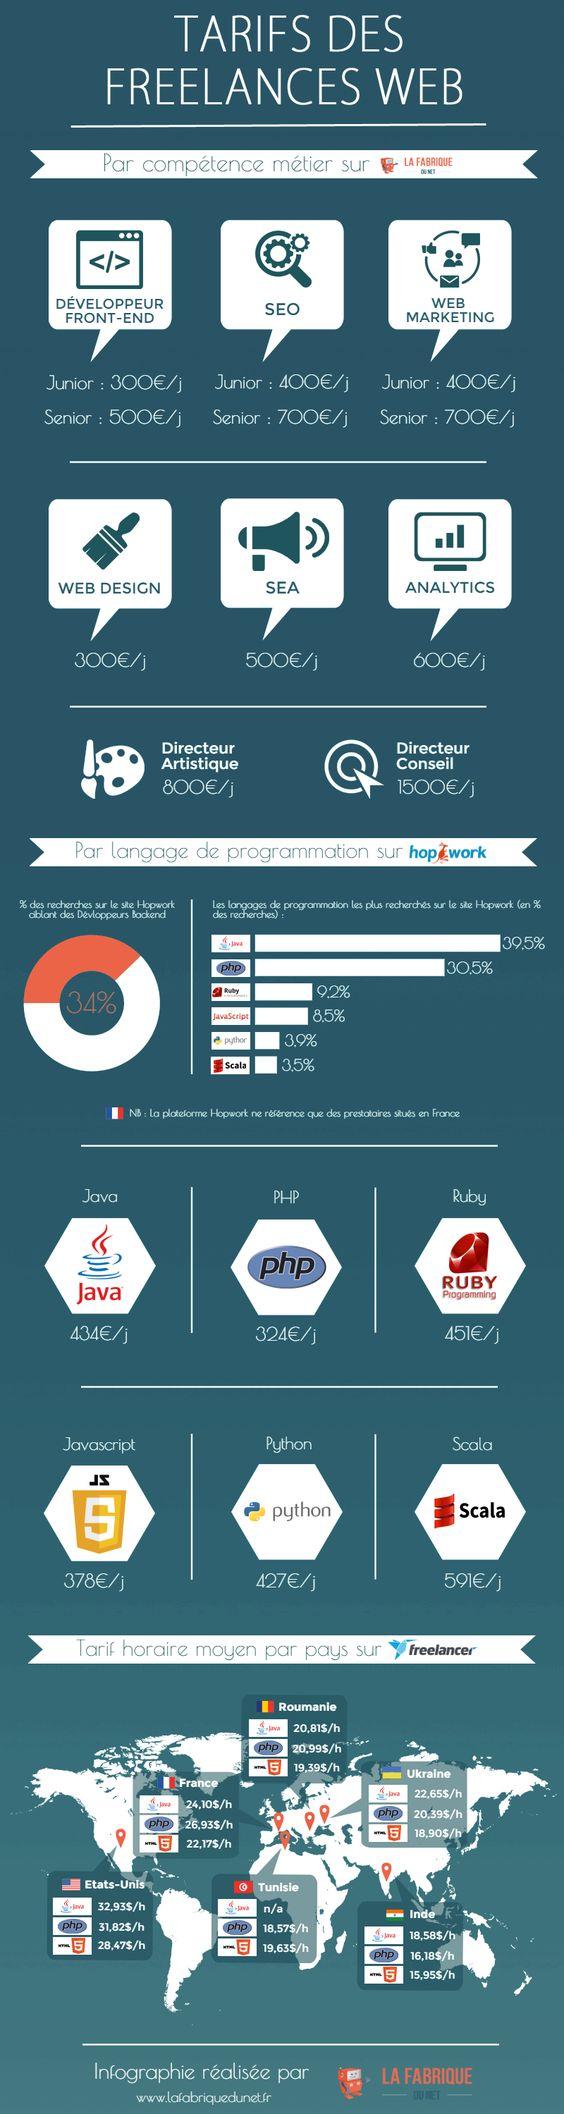 Infographie tarifs freelance web - © 2015 La Fabrique du Net, le point de départ de vos projets web